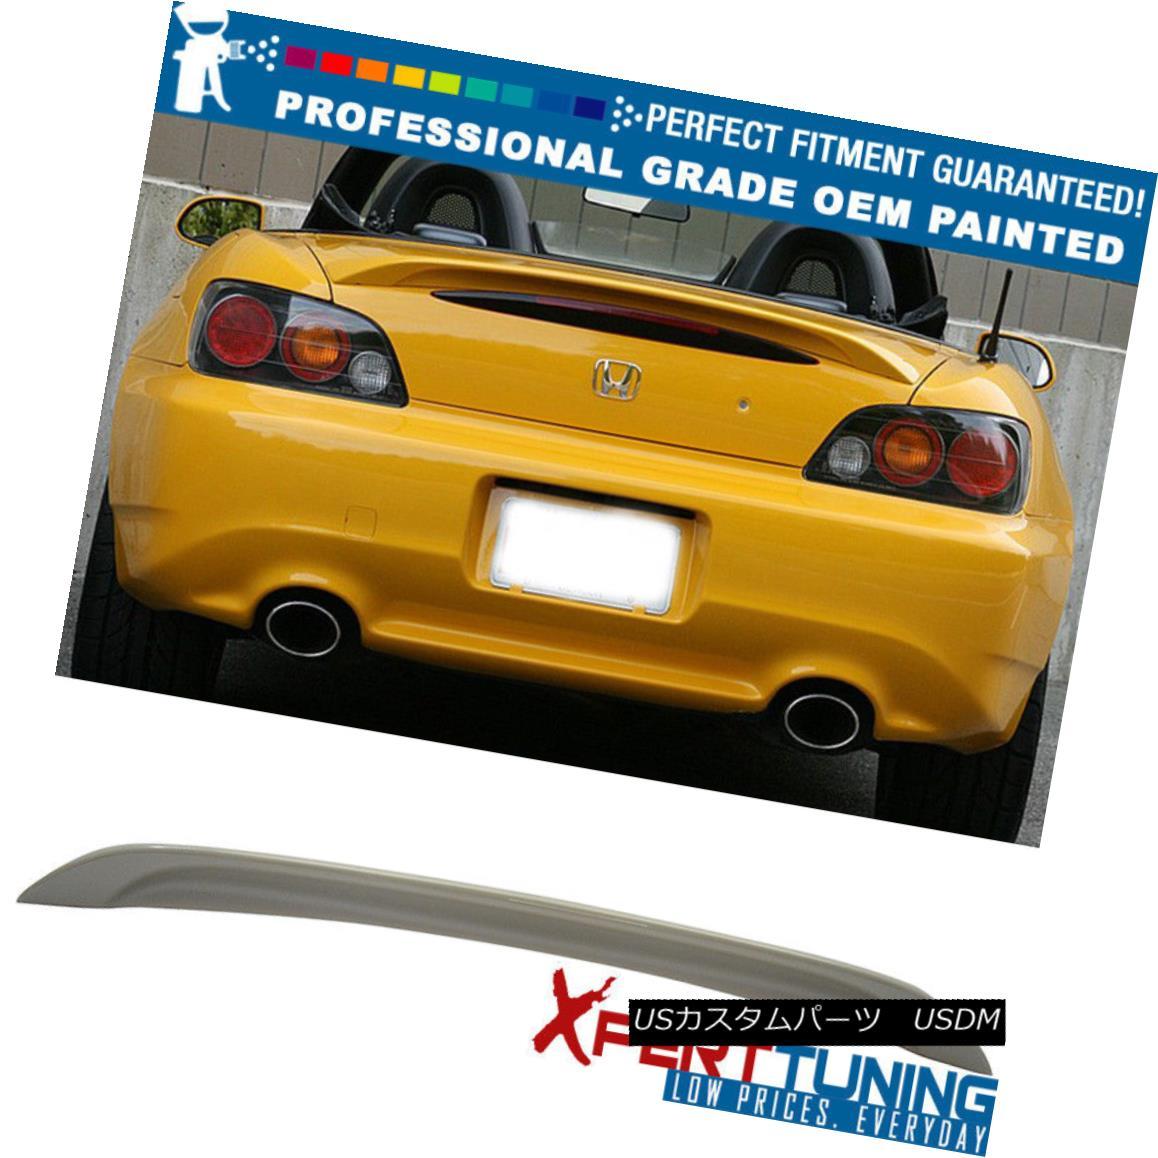 エアロパーツ 00-09 Honda S2000 2Dr AP1 AP2 OE Painted ABS Trunk Spoiler - OEM Painted Color 00-09ホンダS2000 2Dr AP1 AP2 OE塗装ABSトランク・スポイラー - OEM塗装色